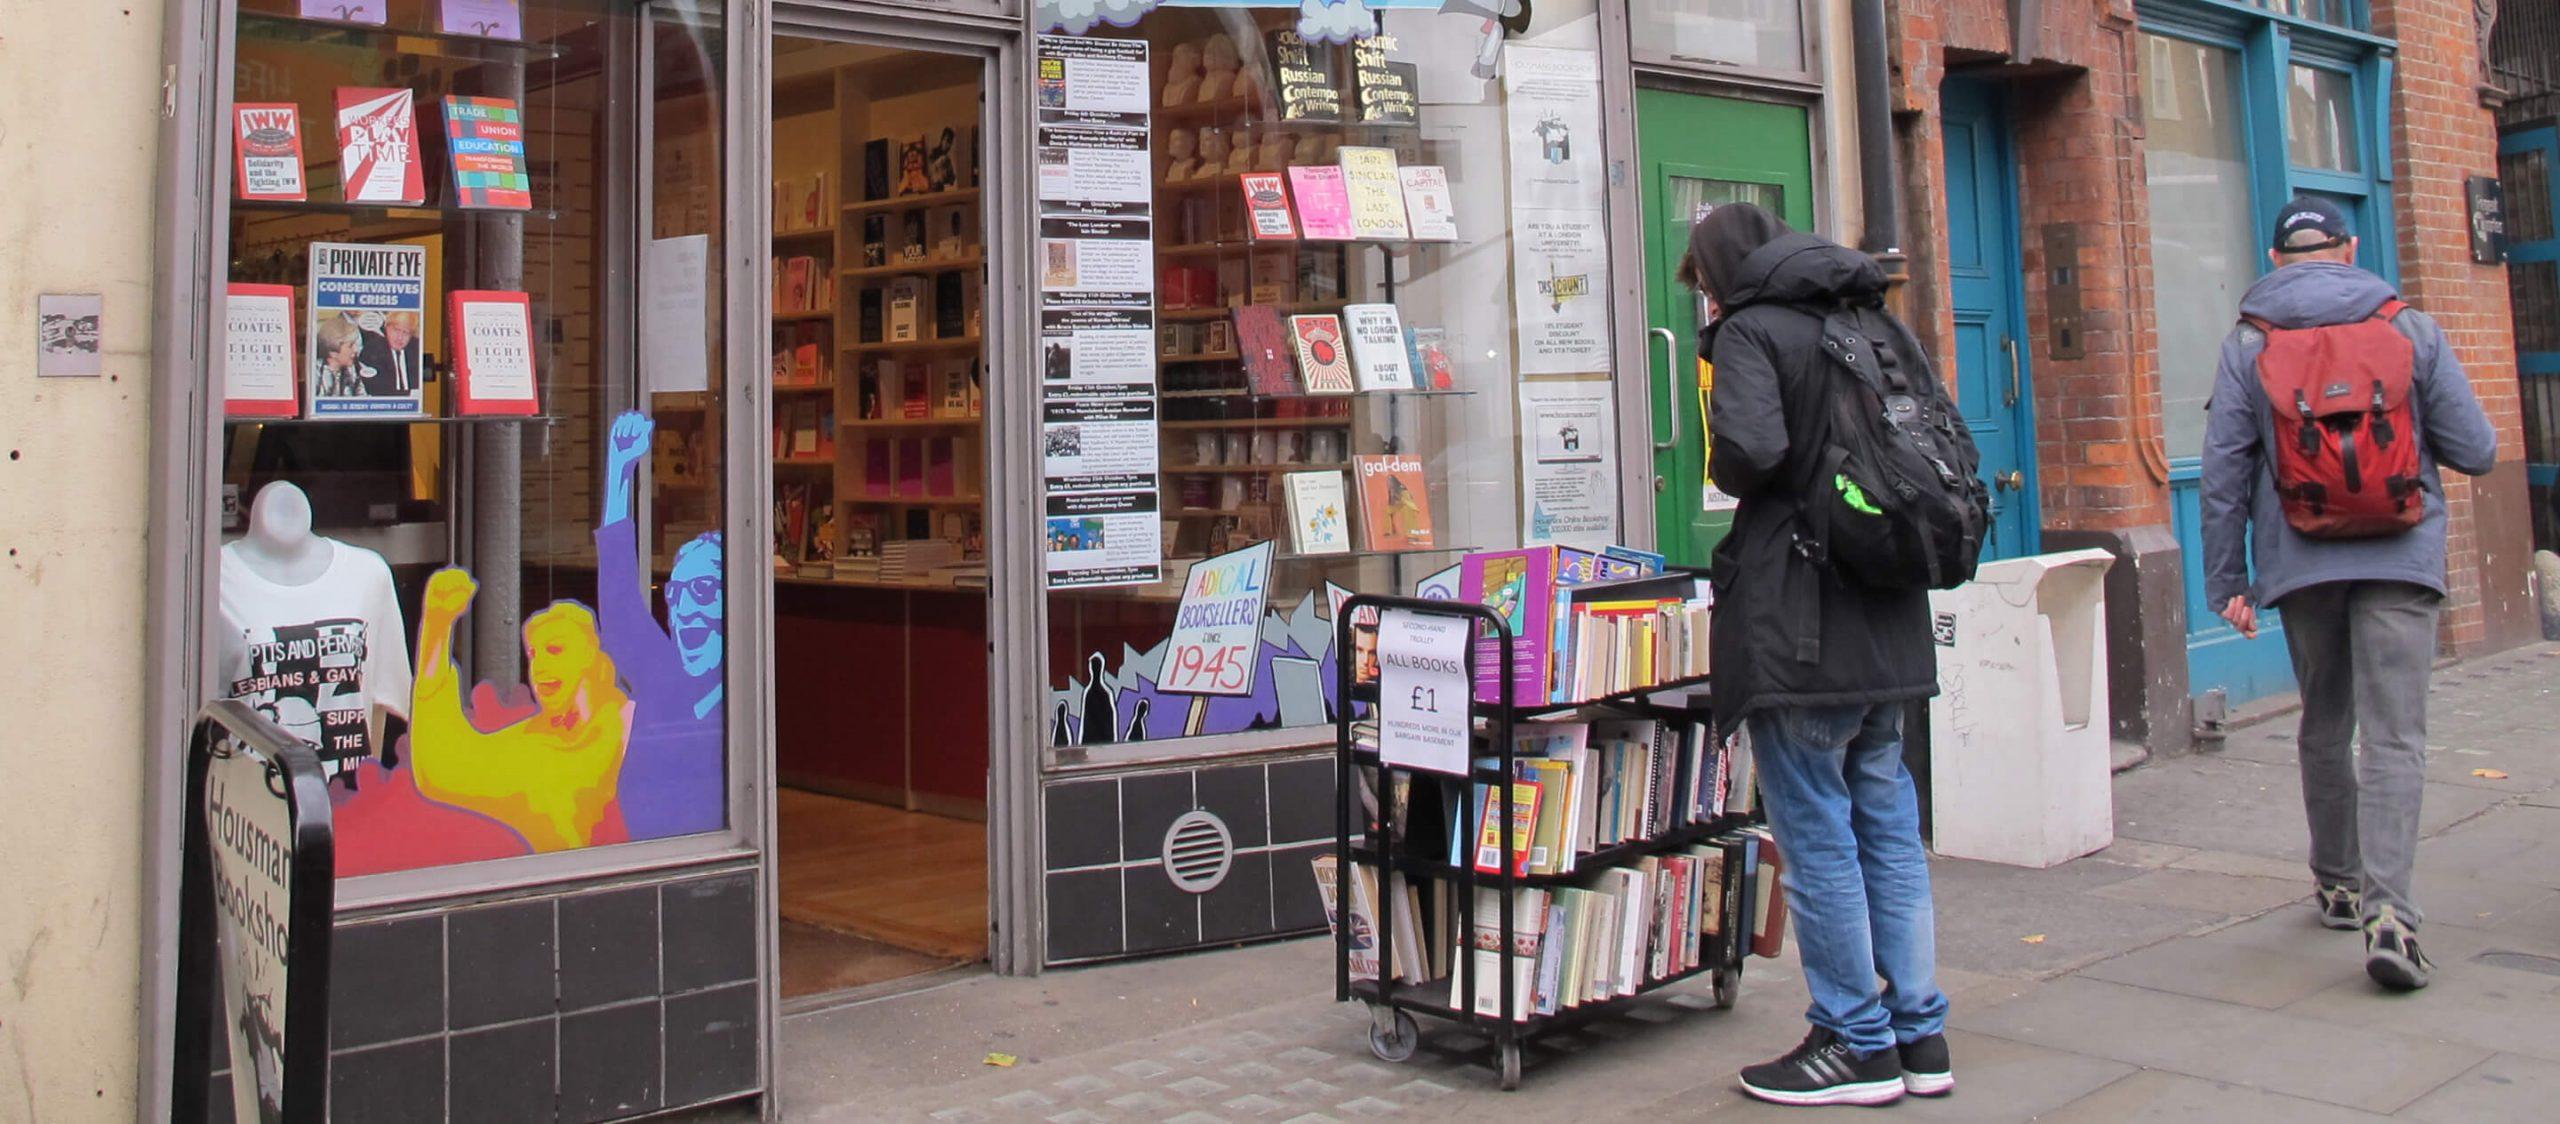 Housmans Bookshop ร้านหนังสือที่ทำให้เรามองเห็น 'การเมือง' ในทุกเรื่องของชีวิต